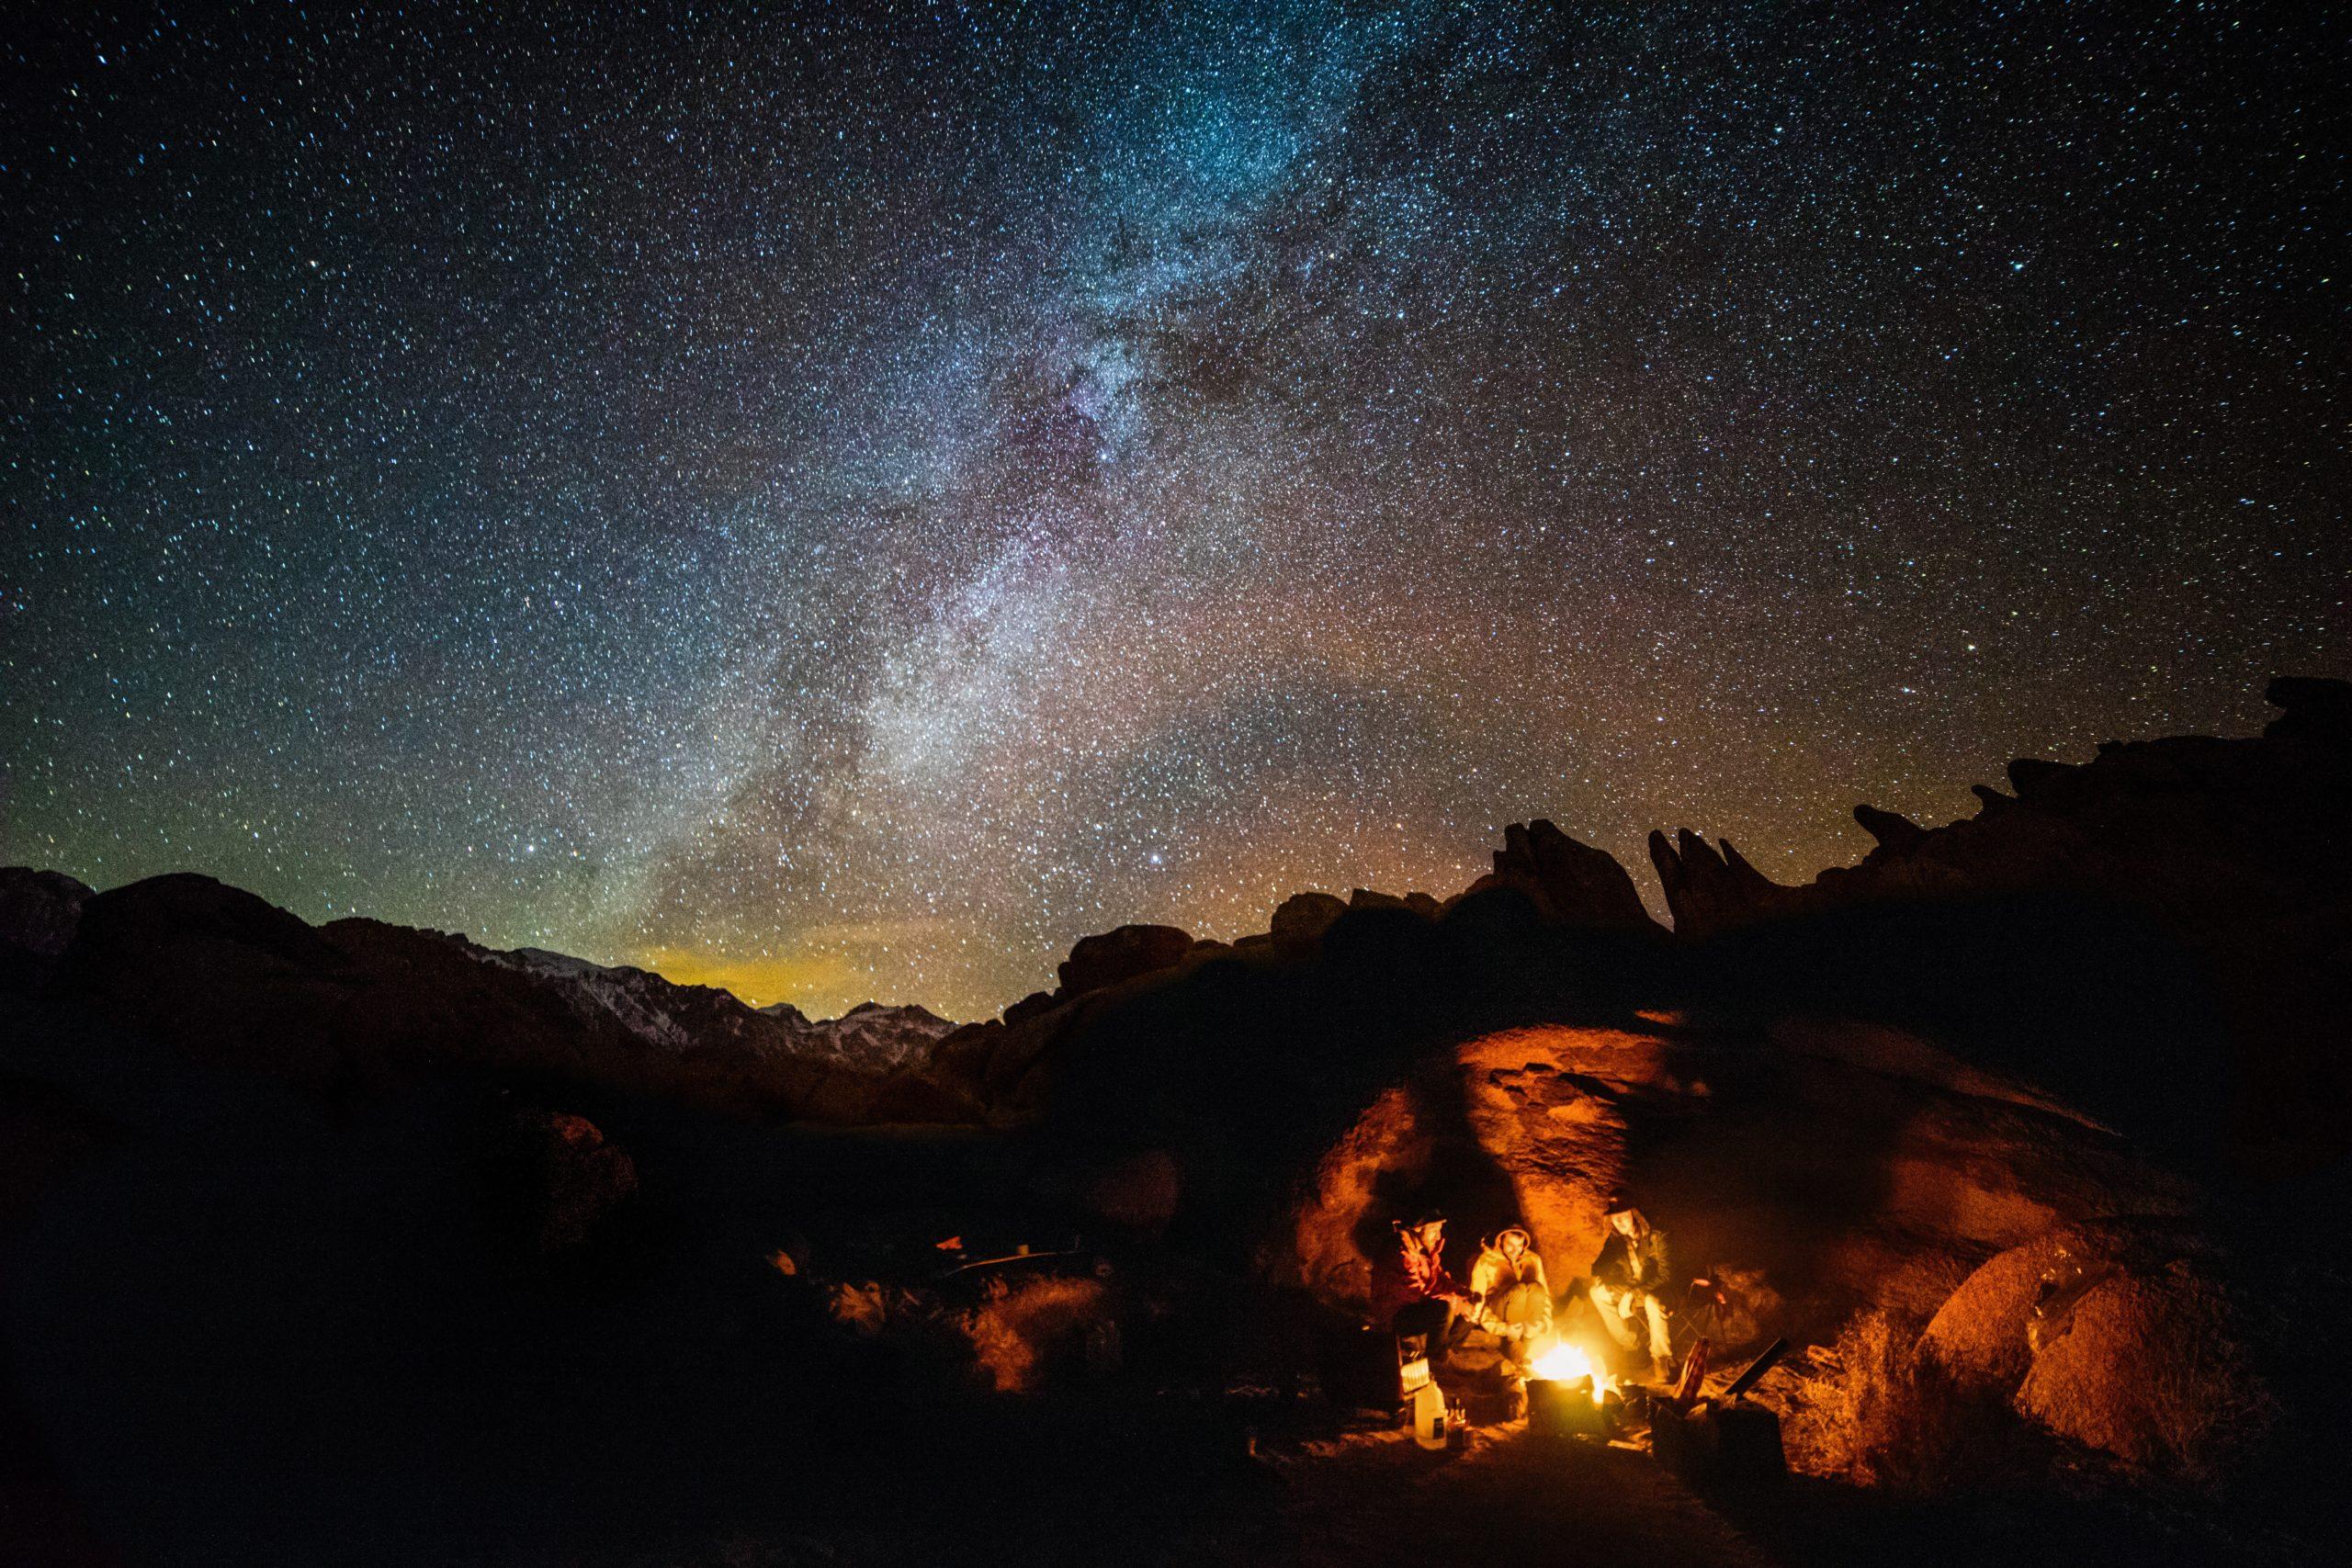 キャンプ 夜空